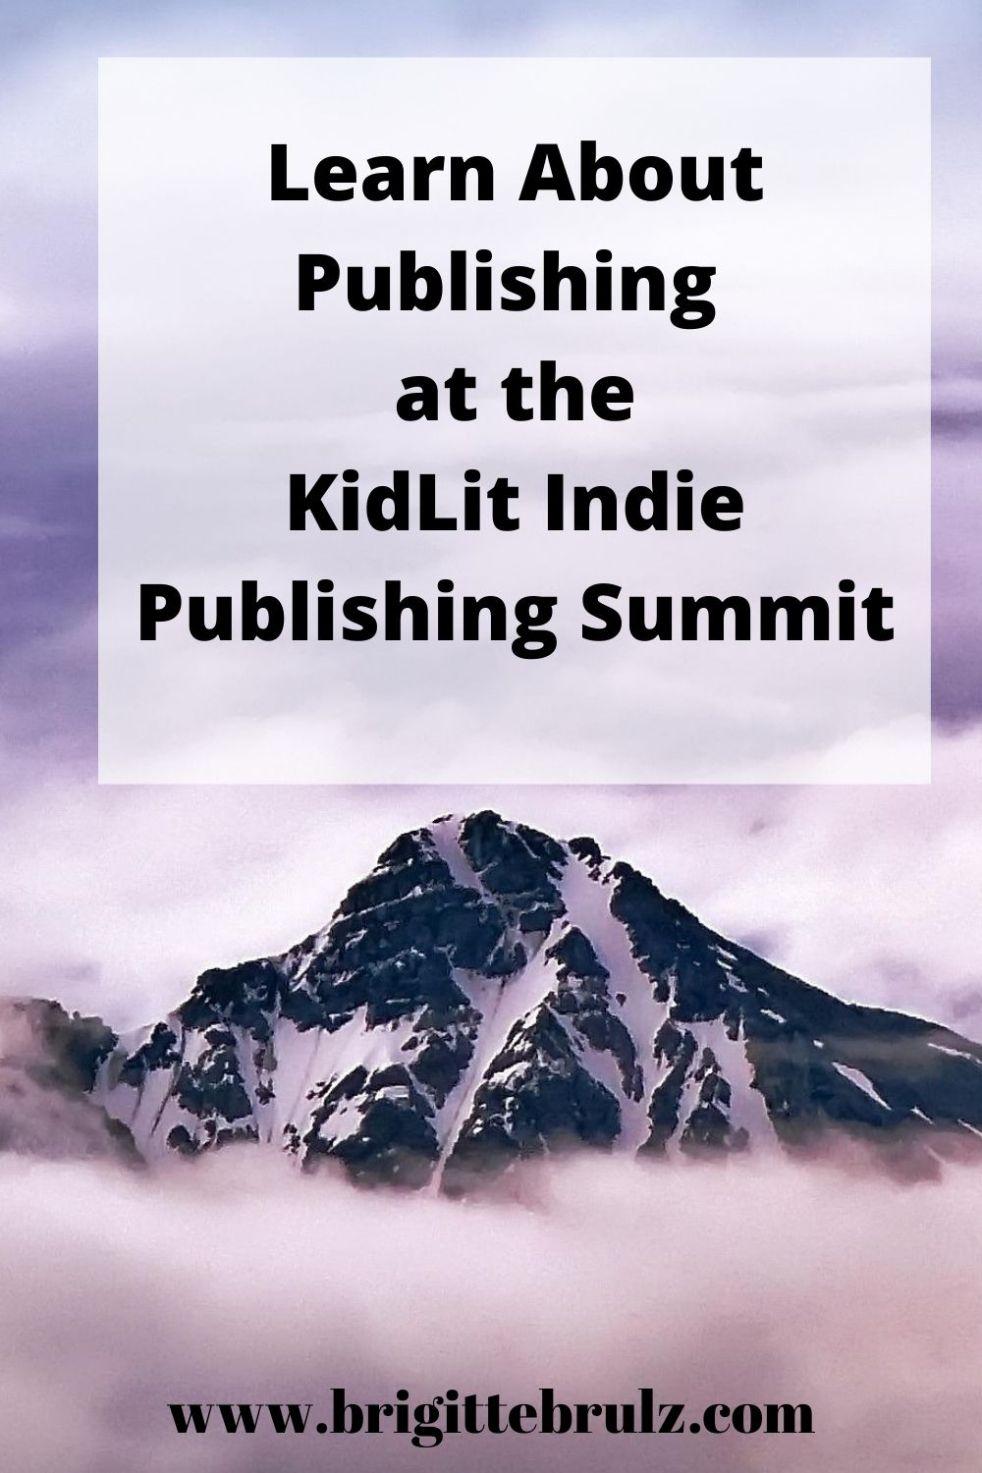 KidLit Indie Publishing Summit